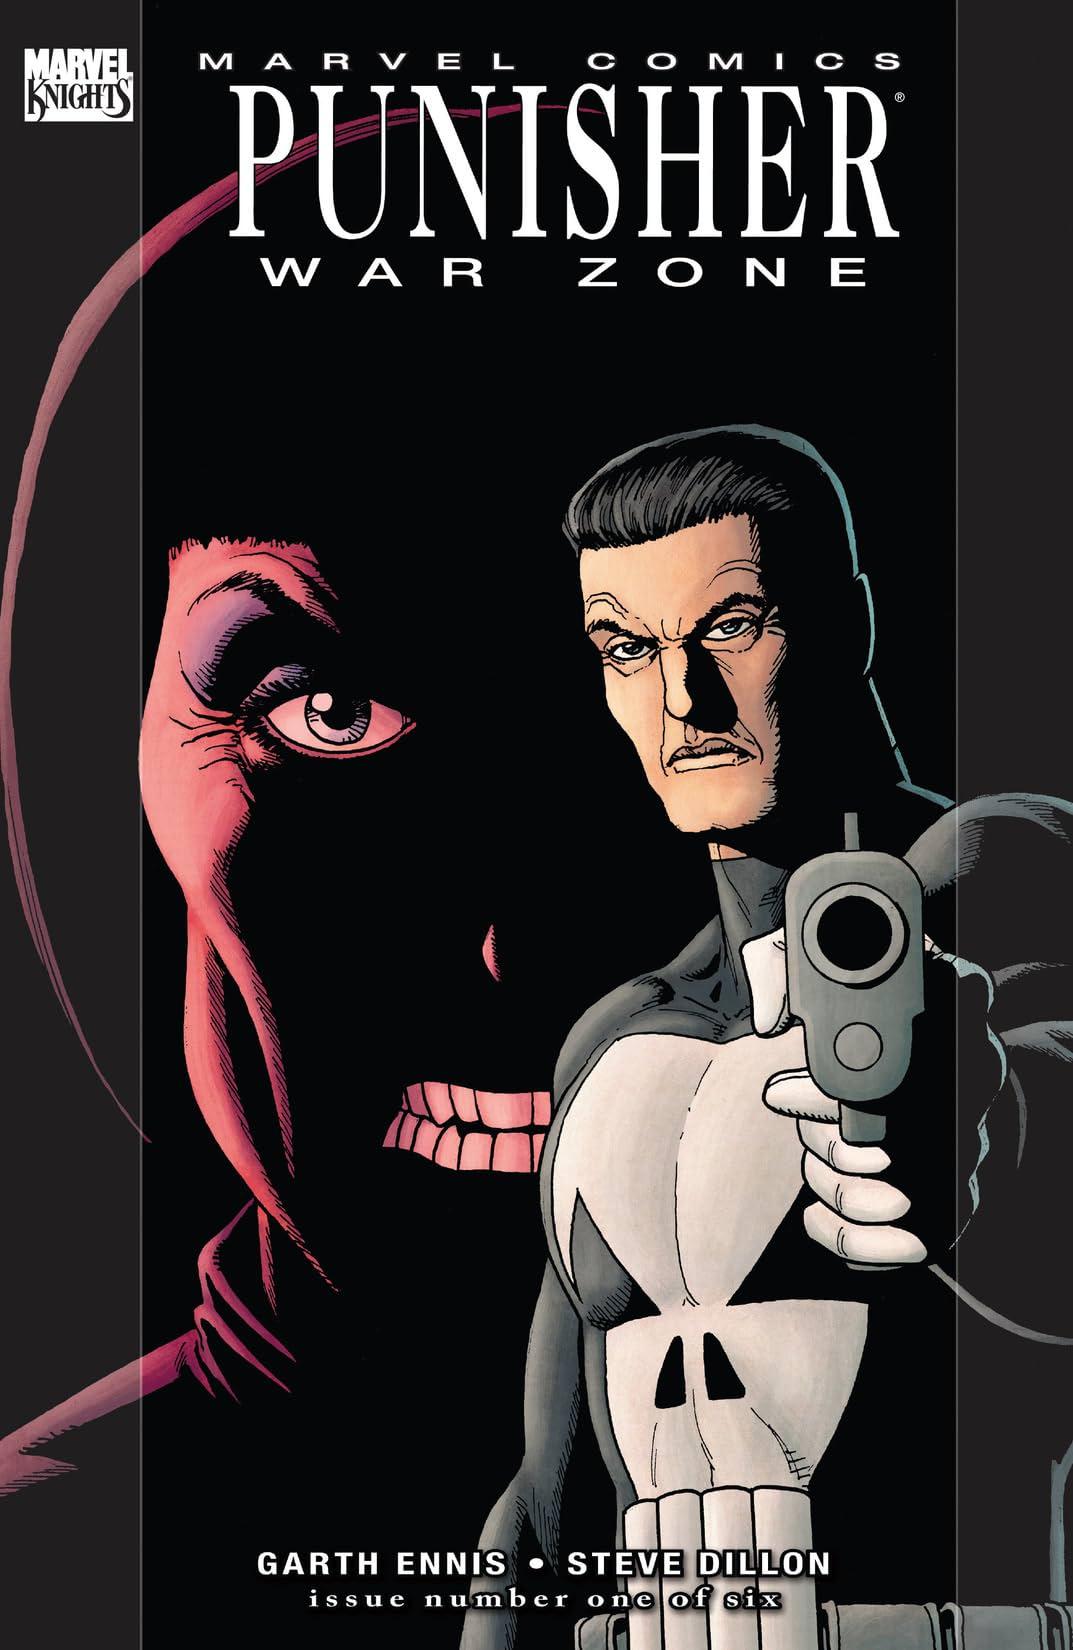 Punisher War Zone (2008-2009) #1 (of 6)